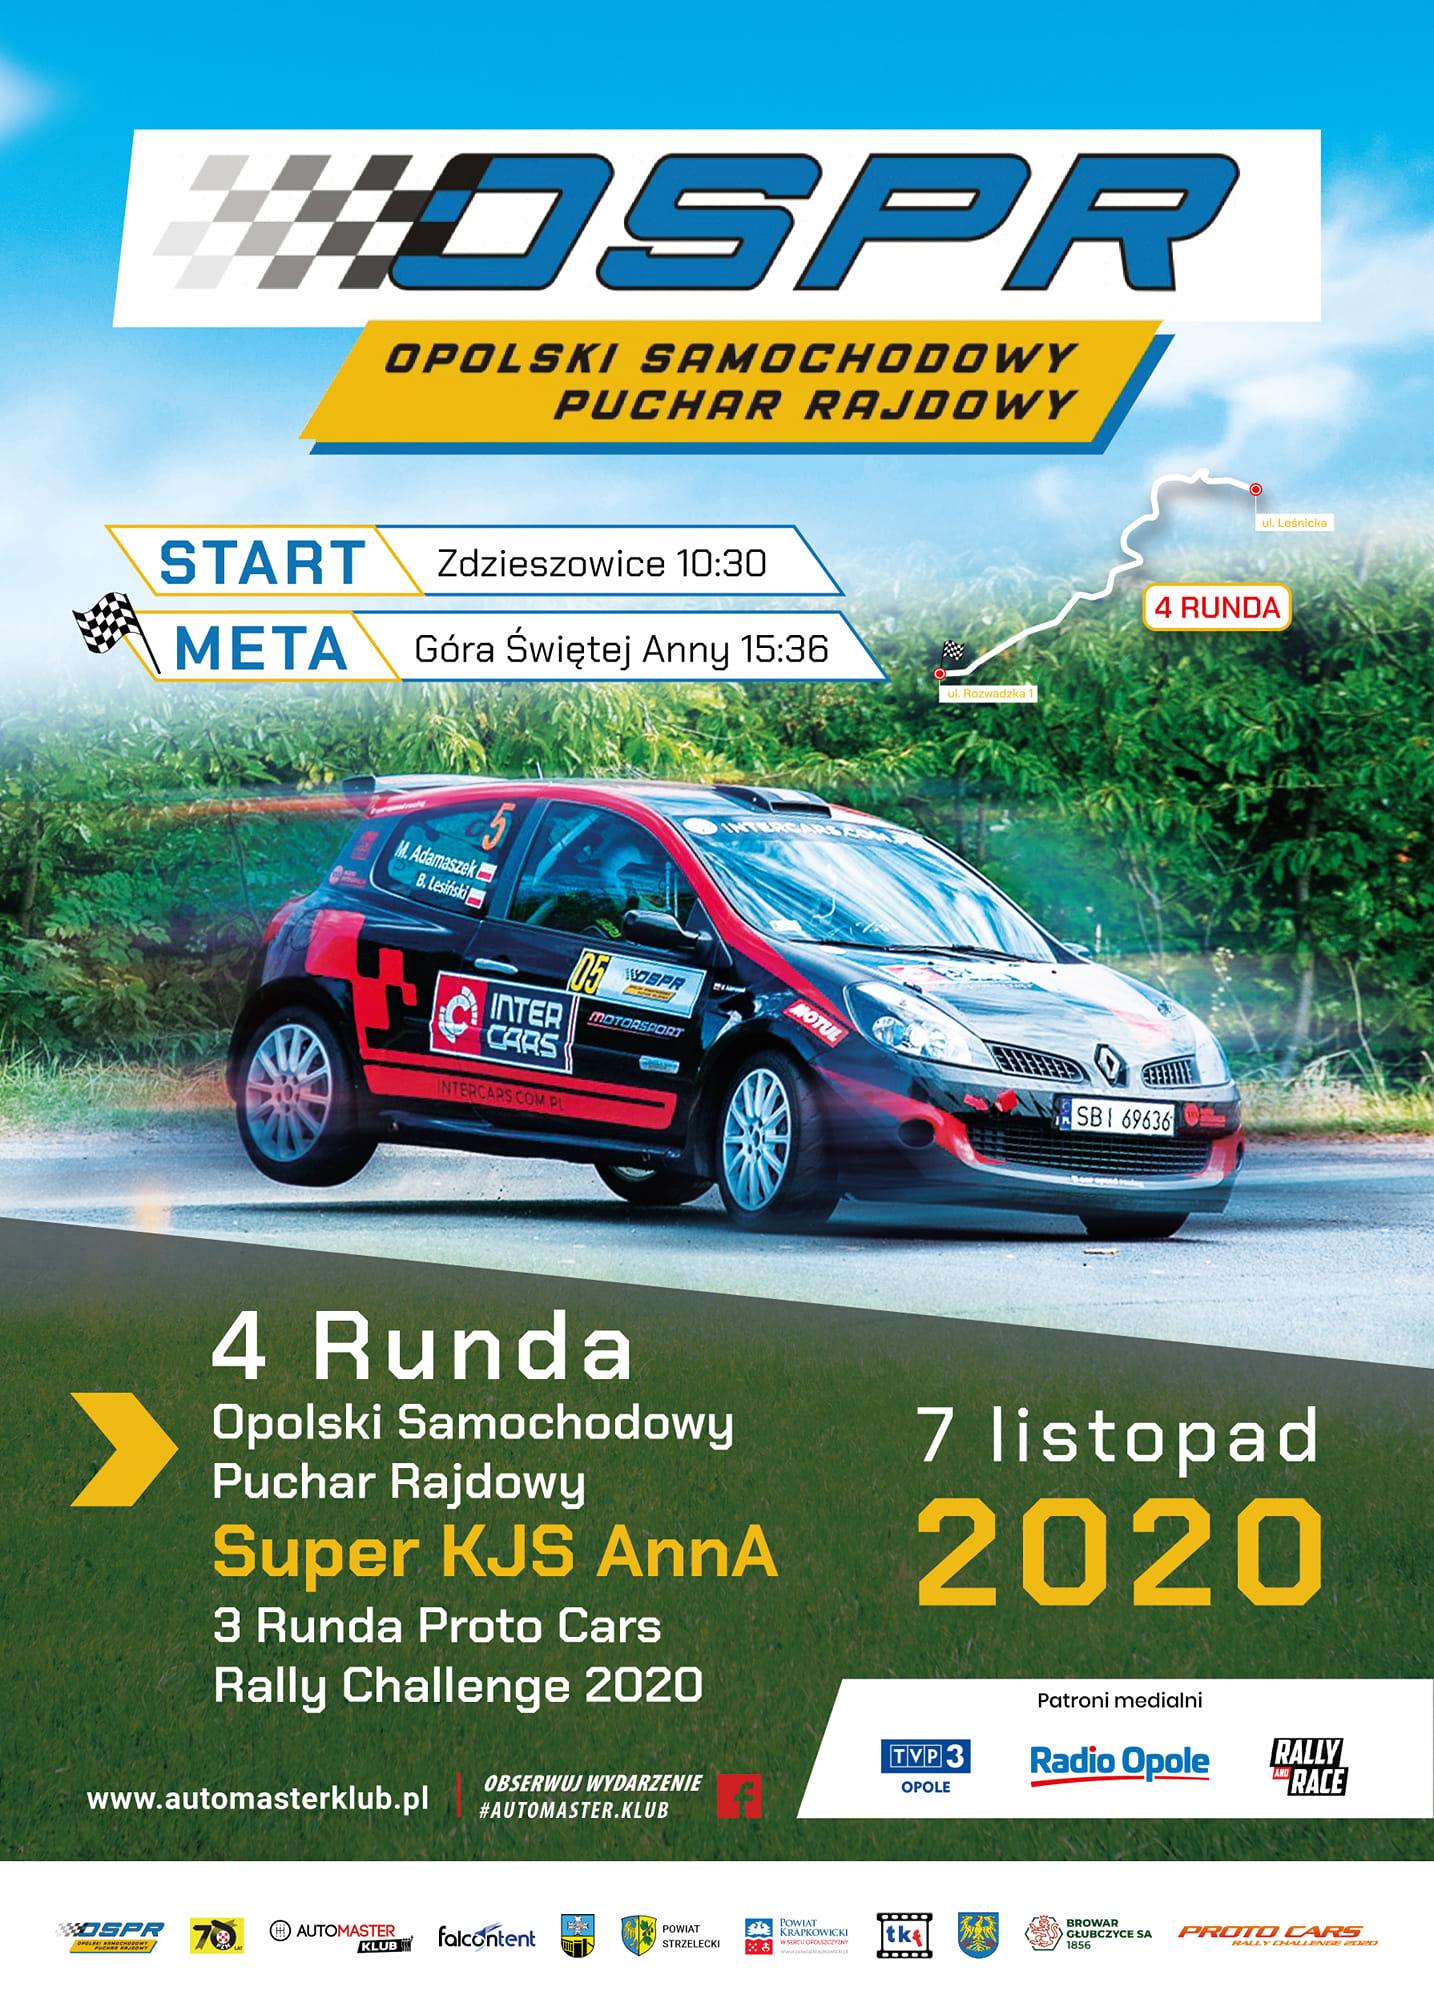 Opolski Samochodowy Puchar Rajdowy